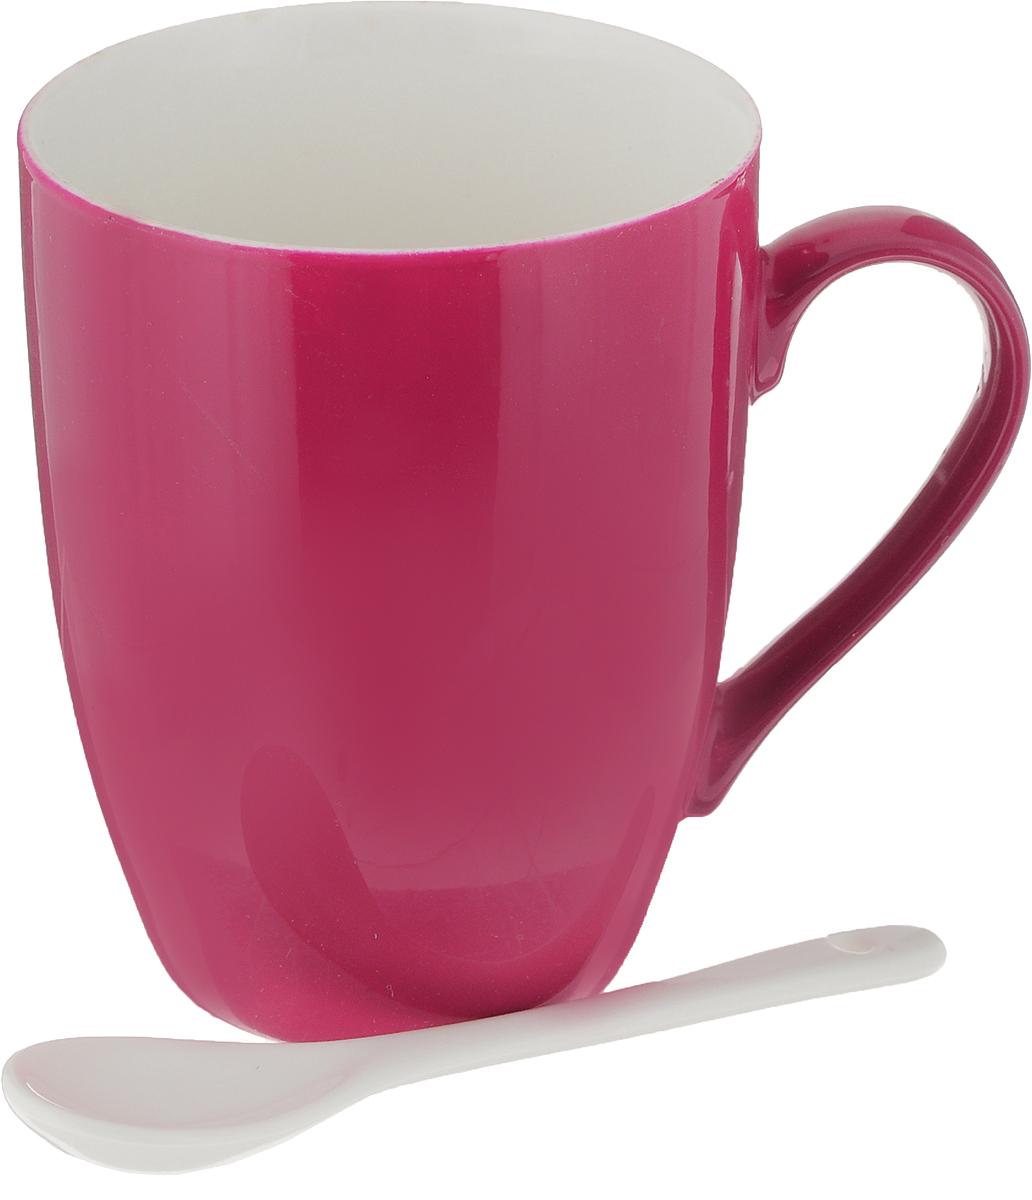 Кружка Доляна Радуга, с ложкой, цвет: красный, 300 мл699262_красныйКружка Доляна Радуга изготовлена из высококачественной керамики. Изделие оформлено ярким дизайном и покрыто превосходной сверкающей глазурью. Изысканная кружка прекрасно оформит стол к чаепитию и станет его неизменным атрибутом.В комплект входит чайная ложечка.Диаметр кружки (по верхнему краю): 8 см.Высота кружки: 10 см.